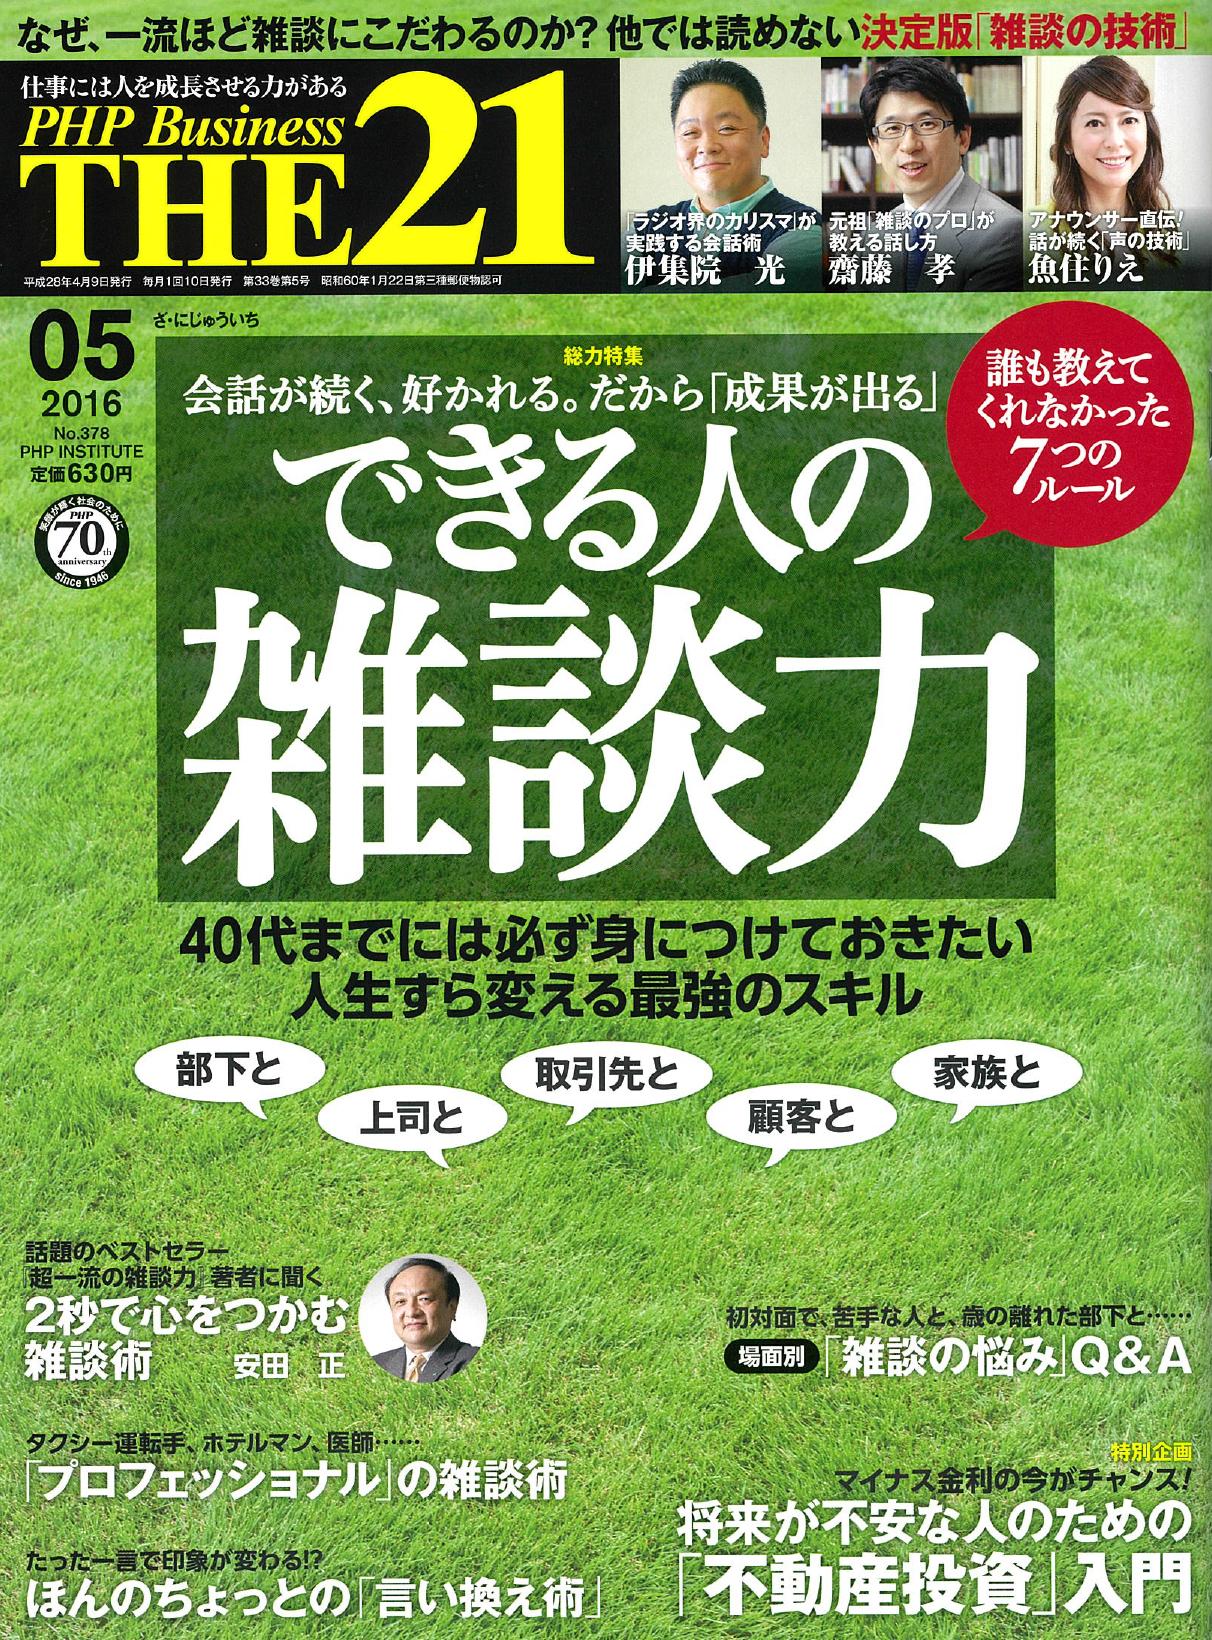 THE21 5月号 (2016年4月09日発売)に掲載されました。